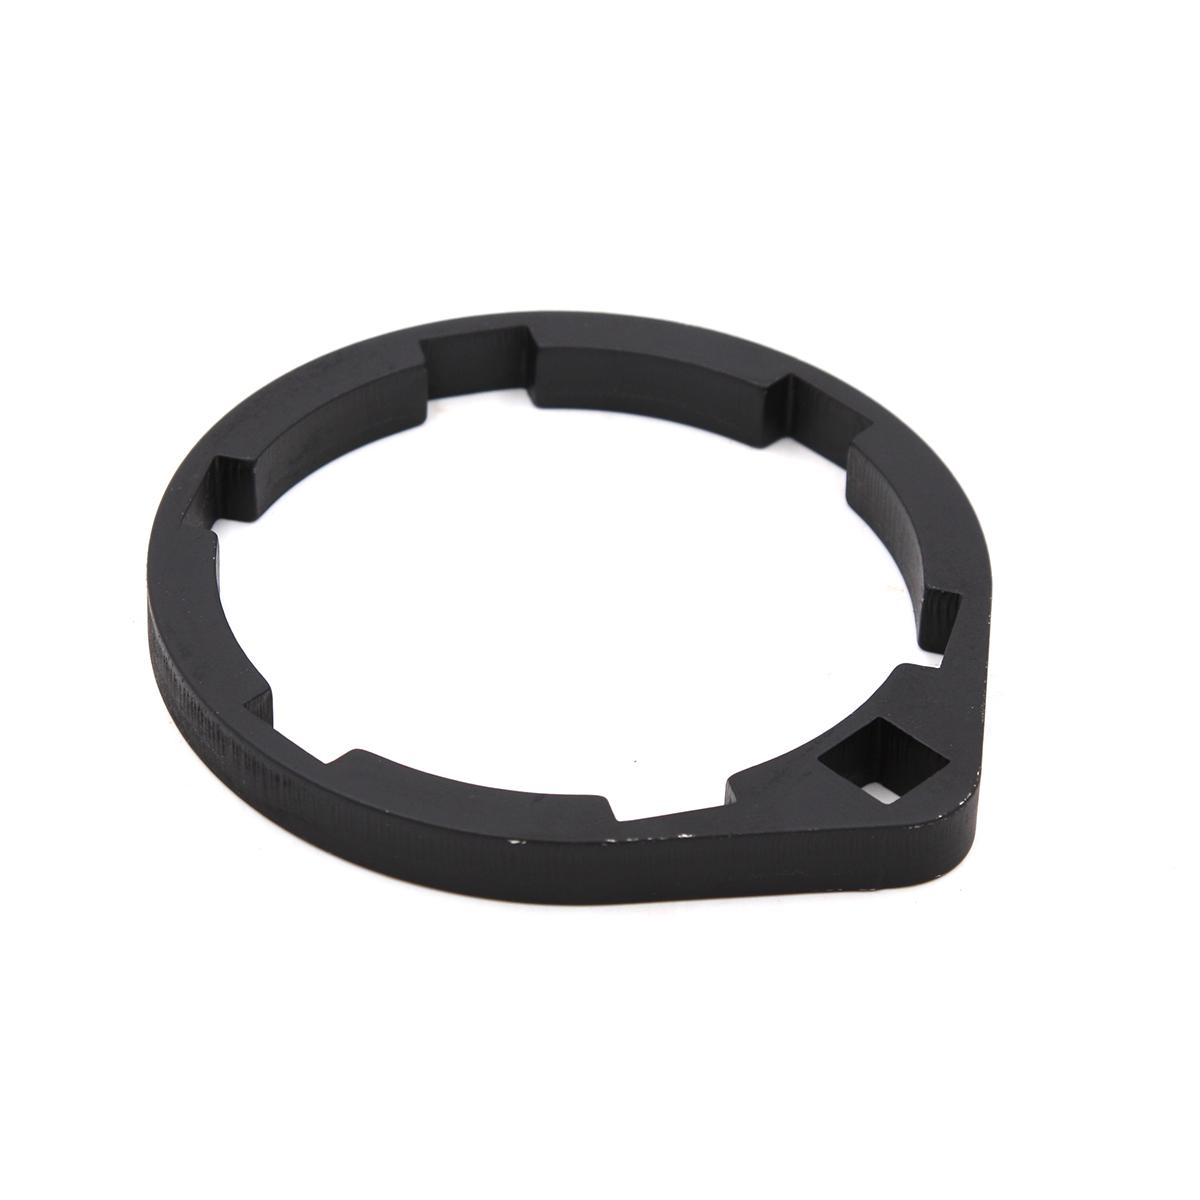 Ключ топливного фильтра для дизеля VOLVO Car-Tool CT-A1359